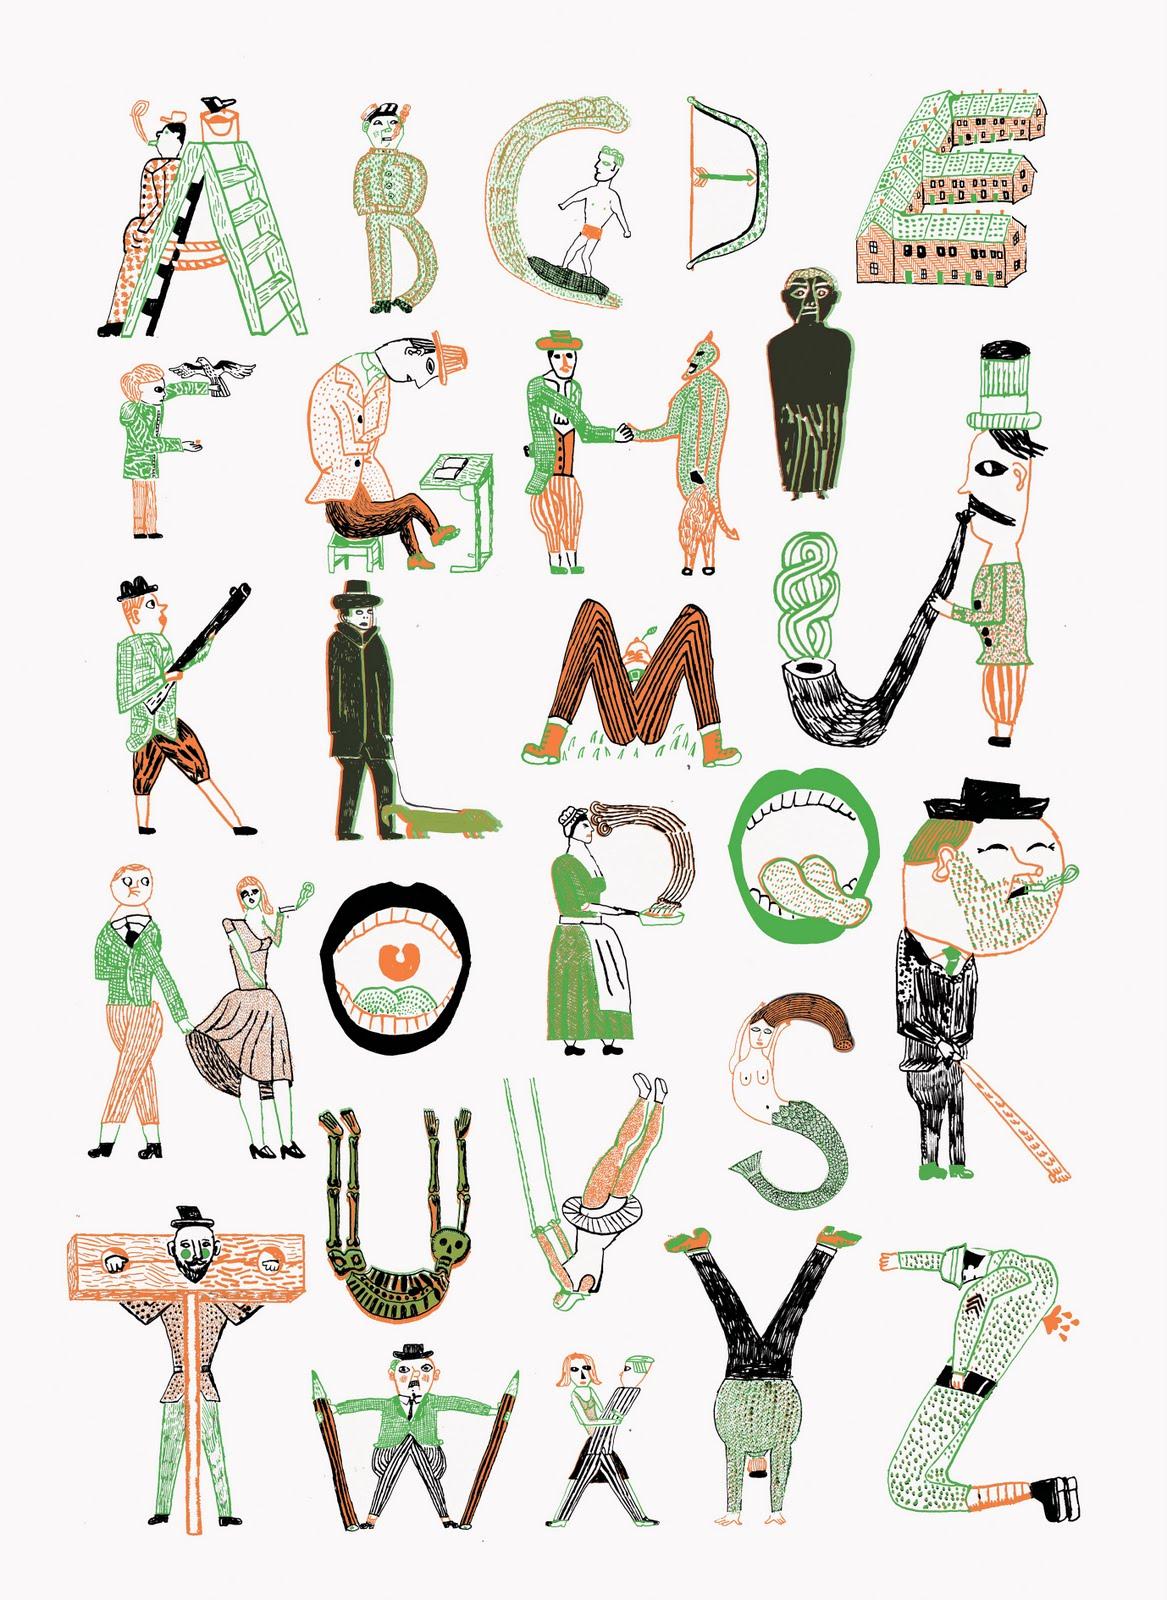 http://3.bp.blogspot.com/-4DqMr5KYZDo/TeykiaOzVQI/AAAAAAAACdA/3zTo94w4Mk8/s1600/Alphabet1.jpg